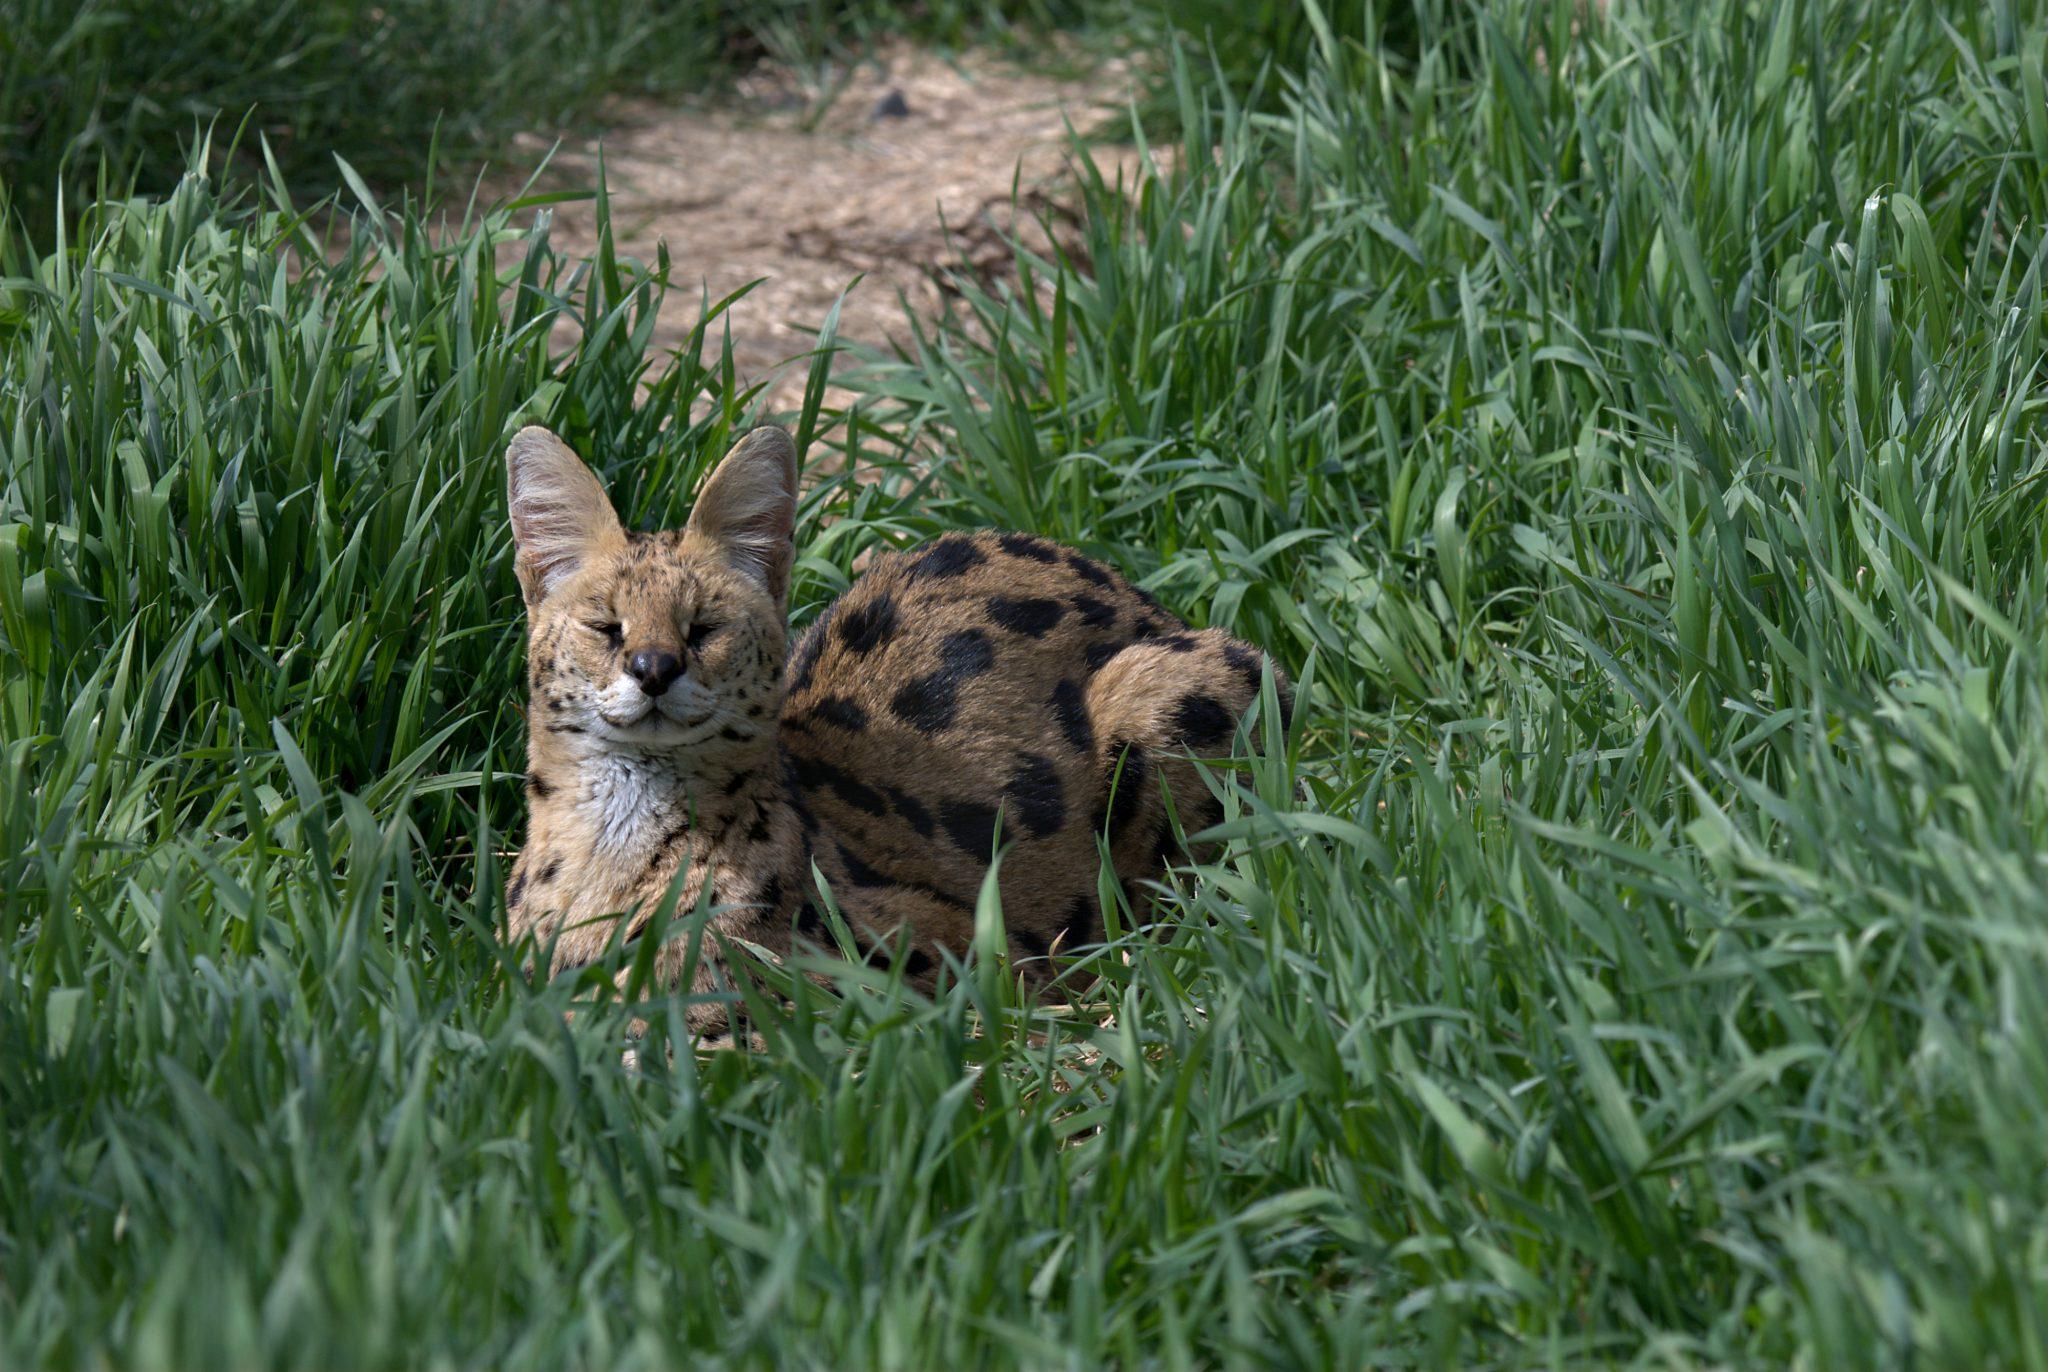 Morocco - The Wildcat Sanctuary